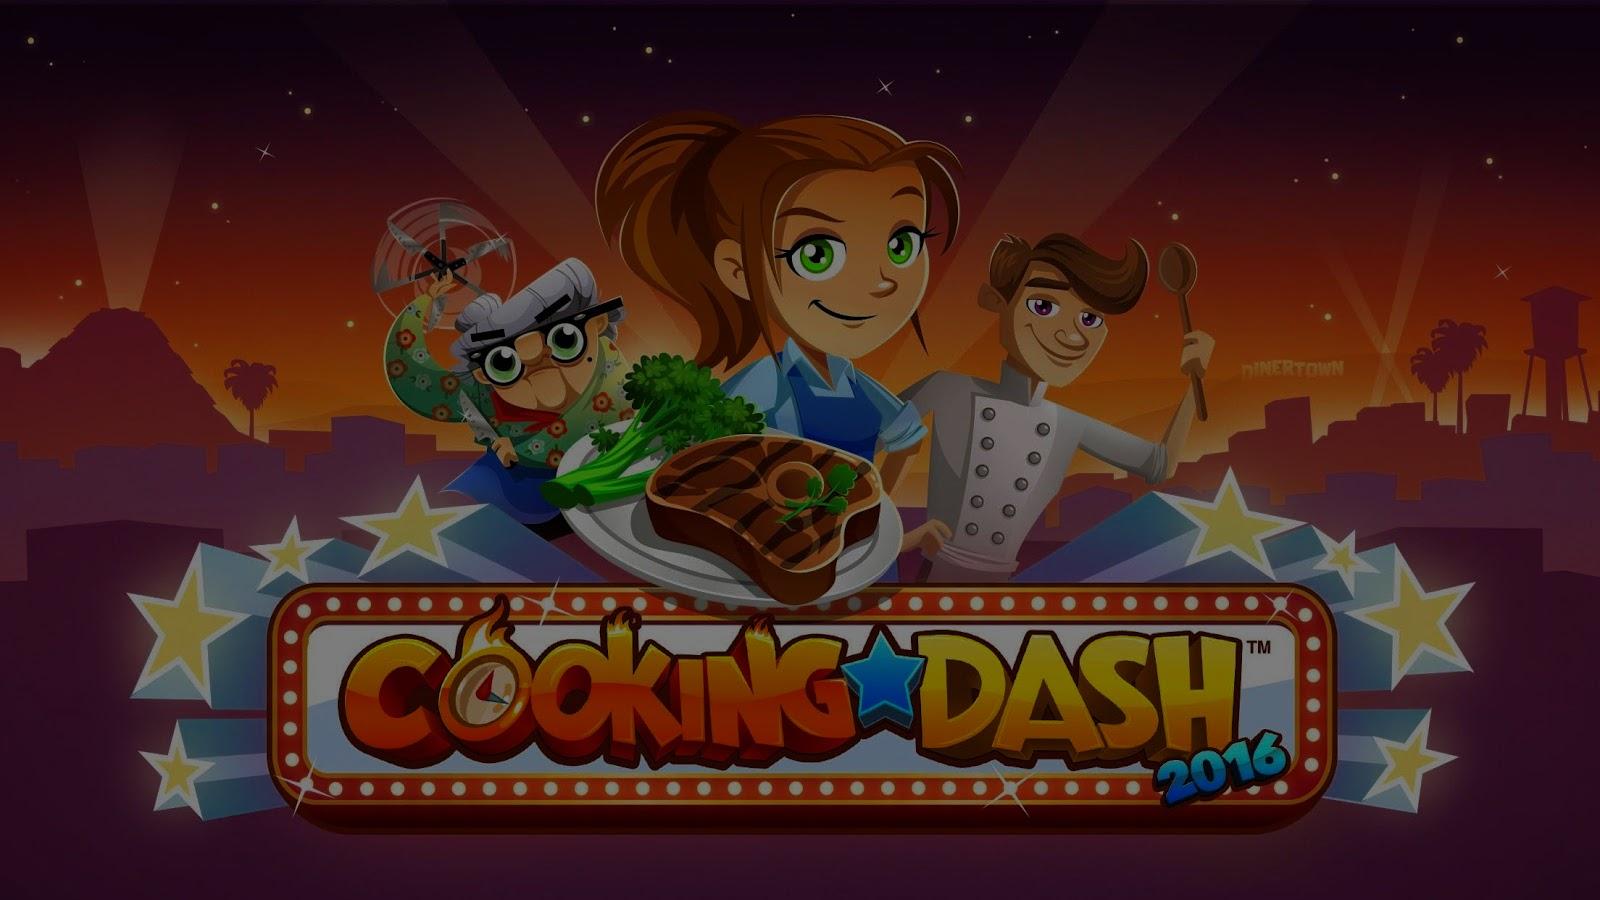 Cooking Dash 2.0